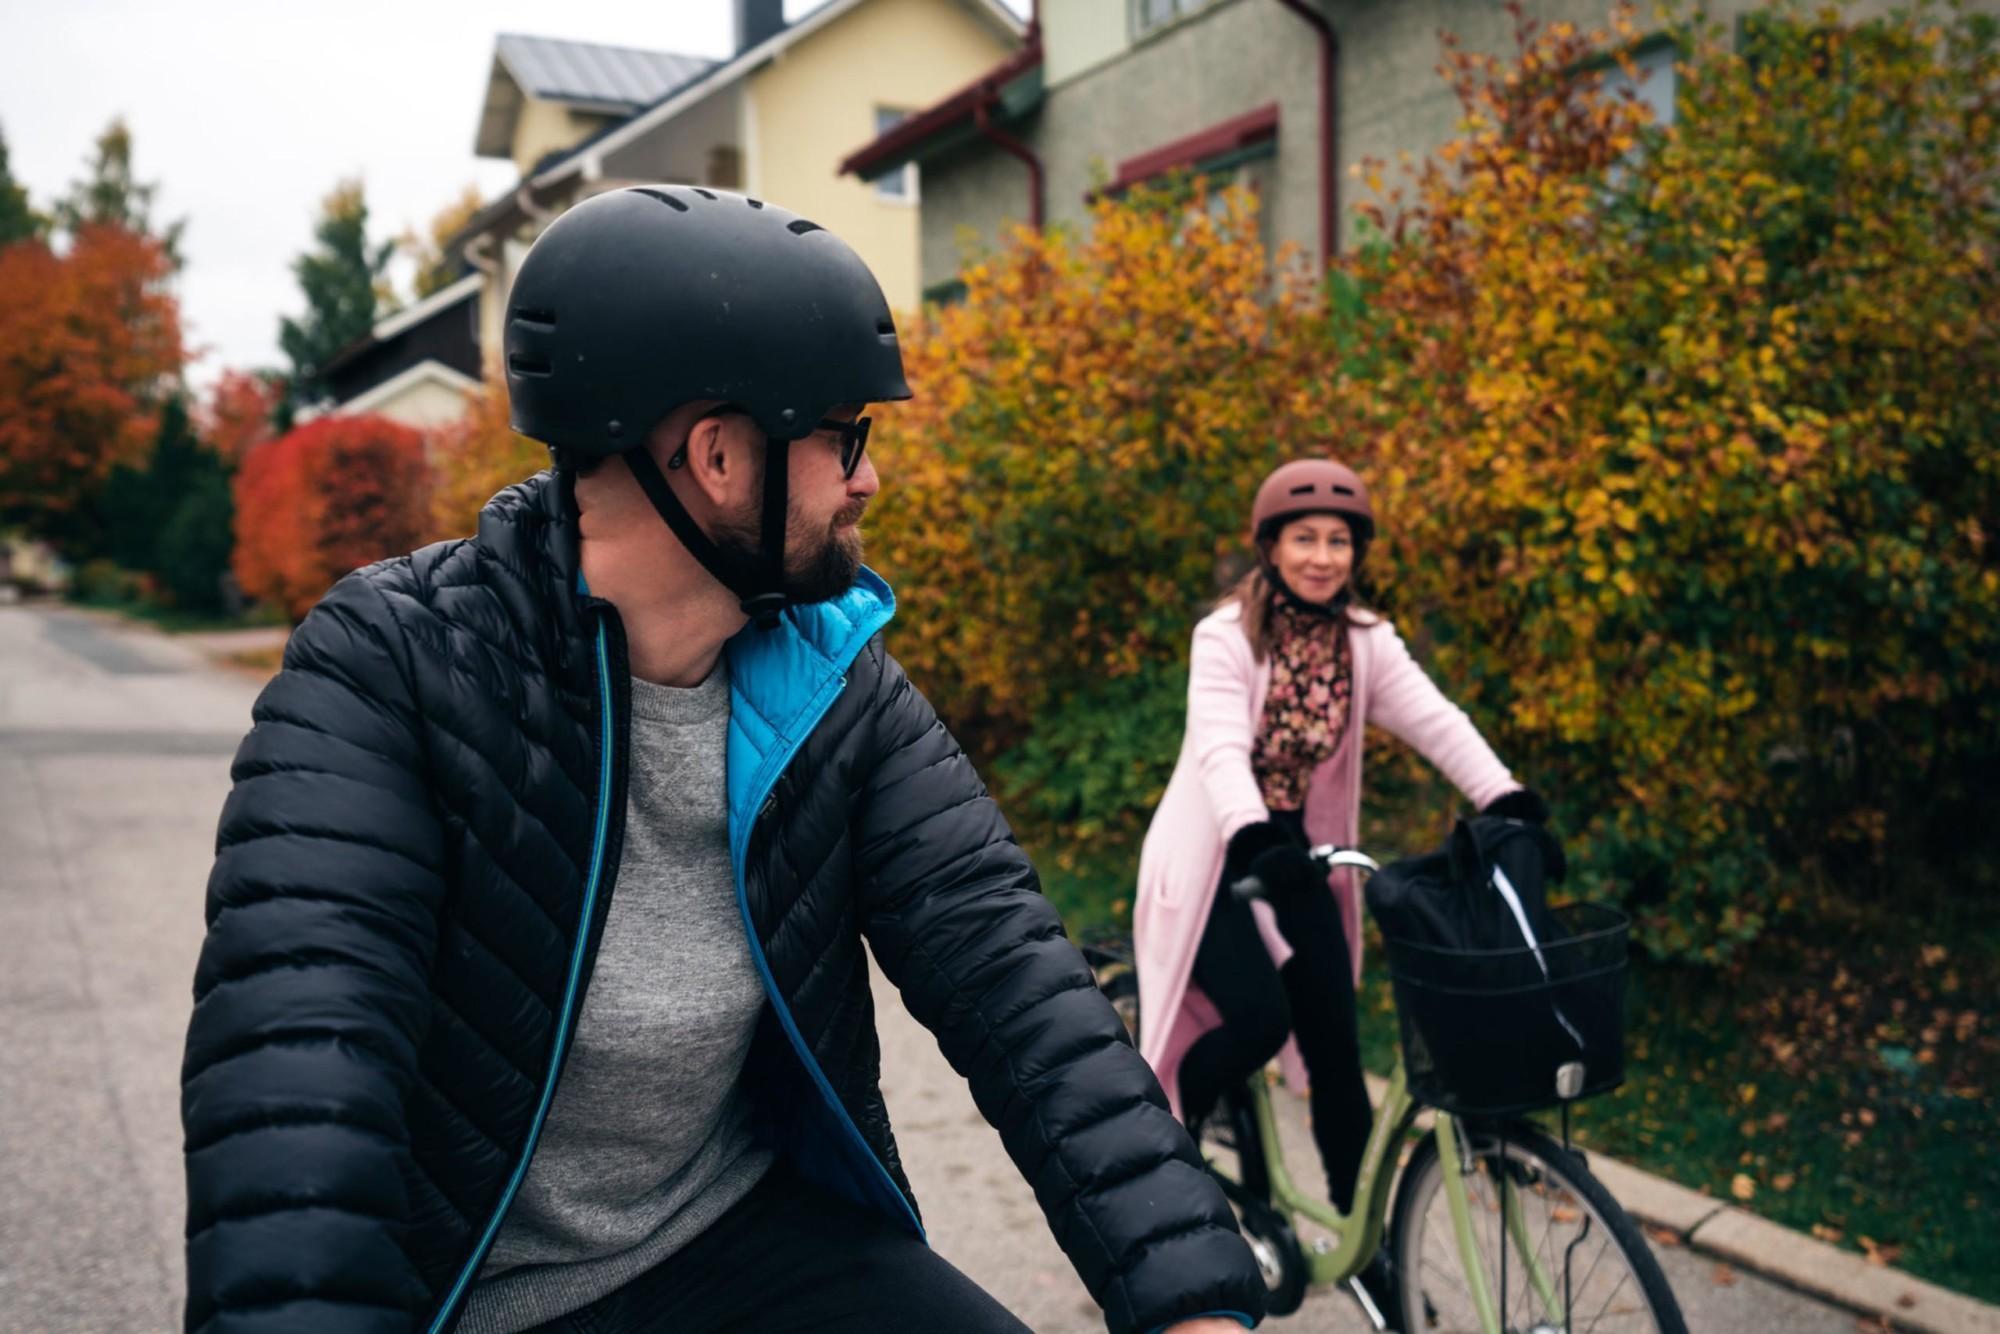 Mies ja nainen pyöräilevät taajamassa.